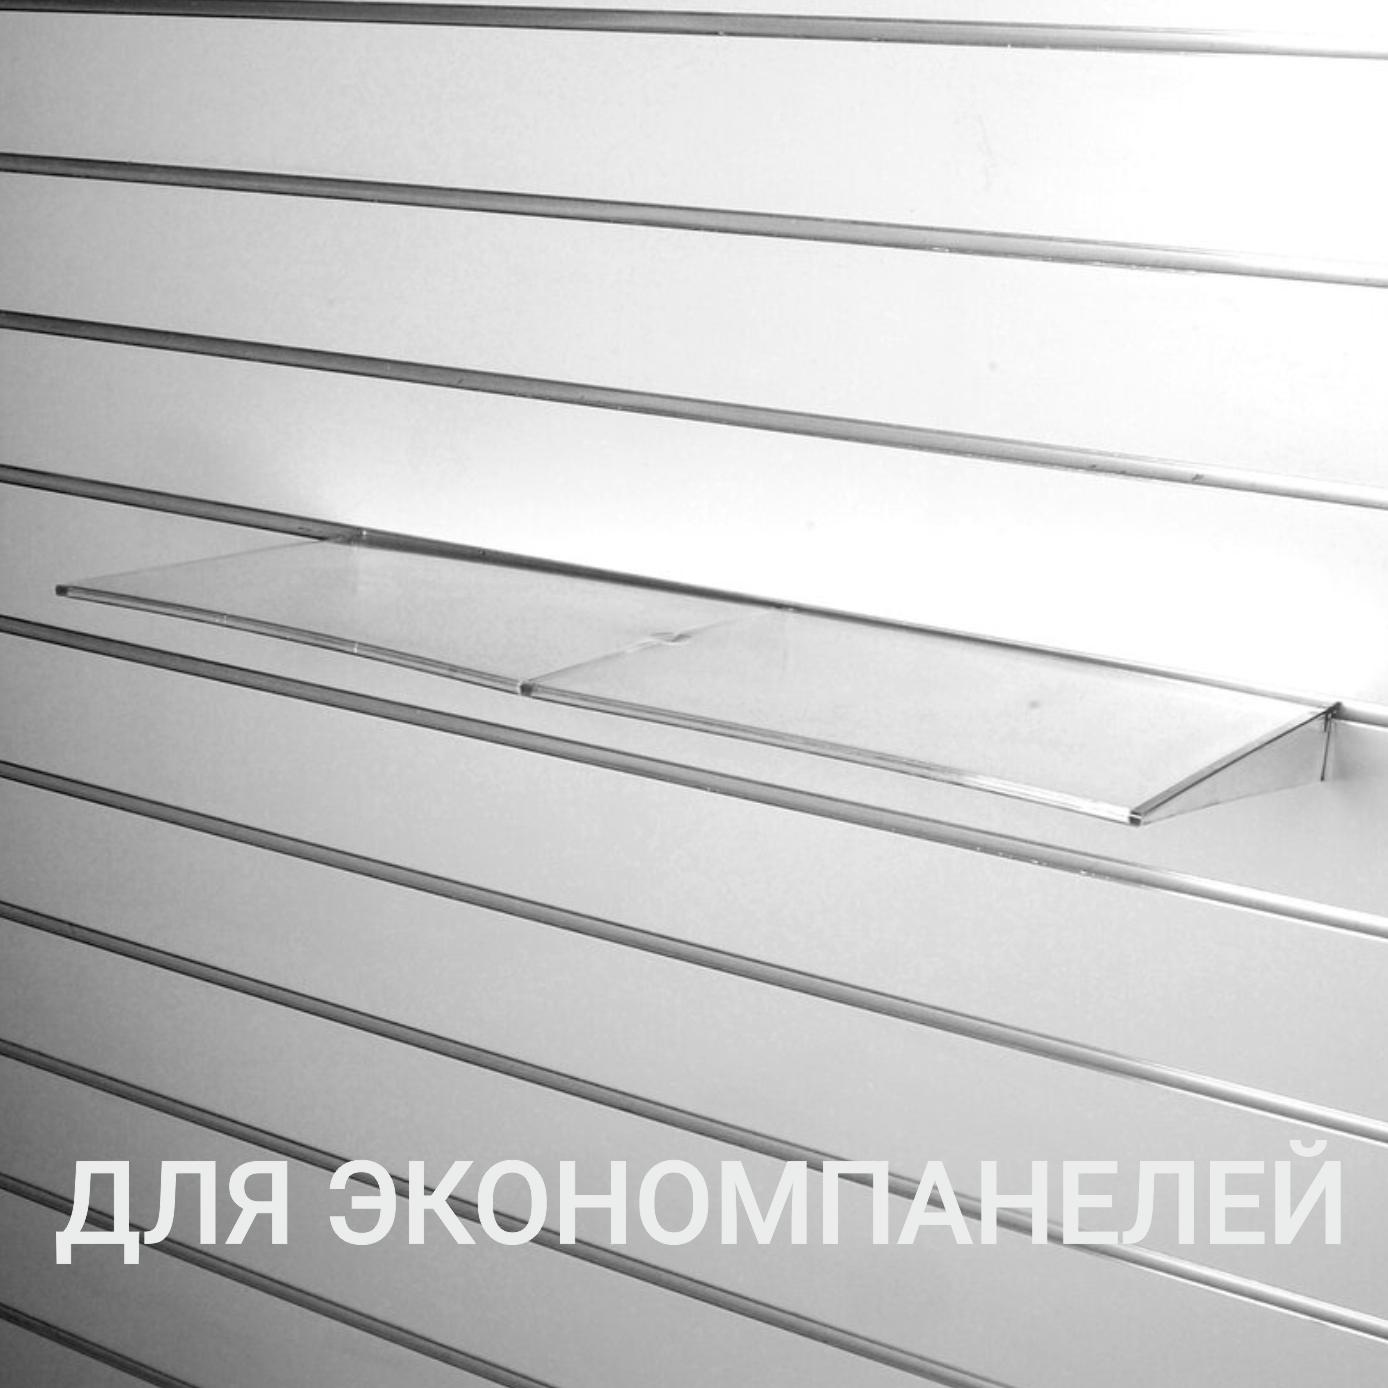 Полки для экономпанелей длиной 590 мм